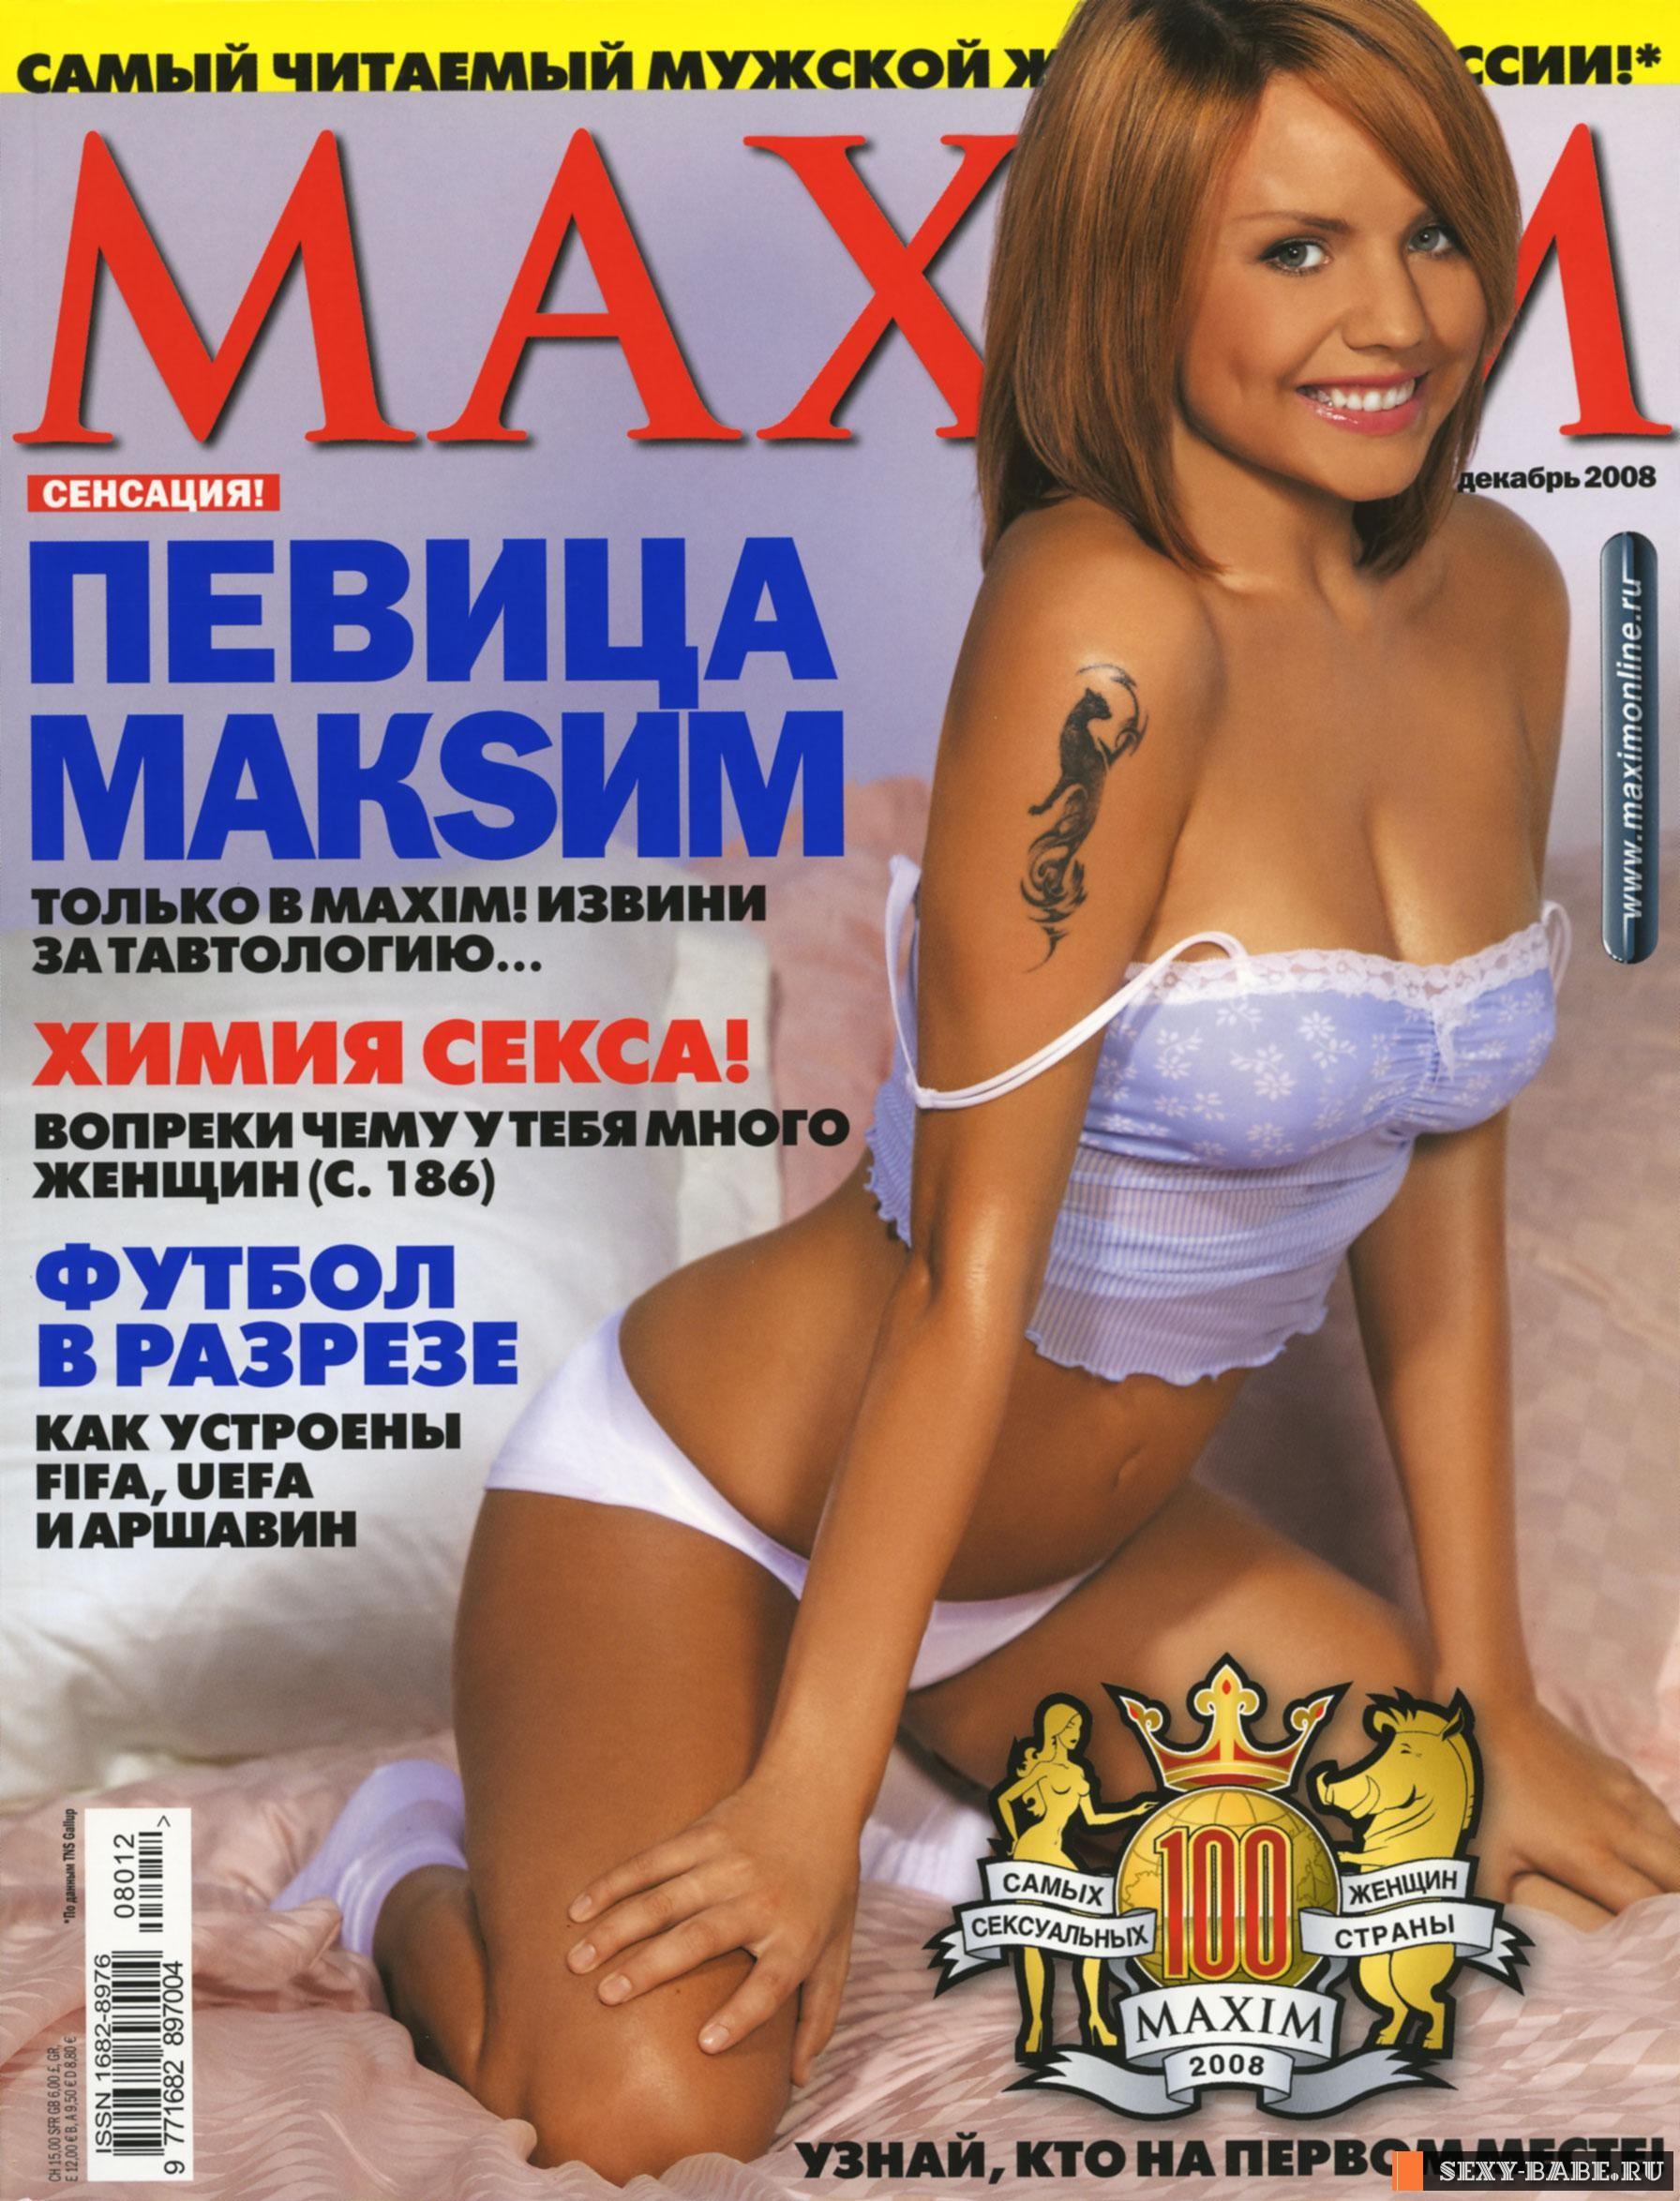 Знаменитости фото из журнала maksim 5